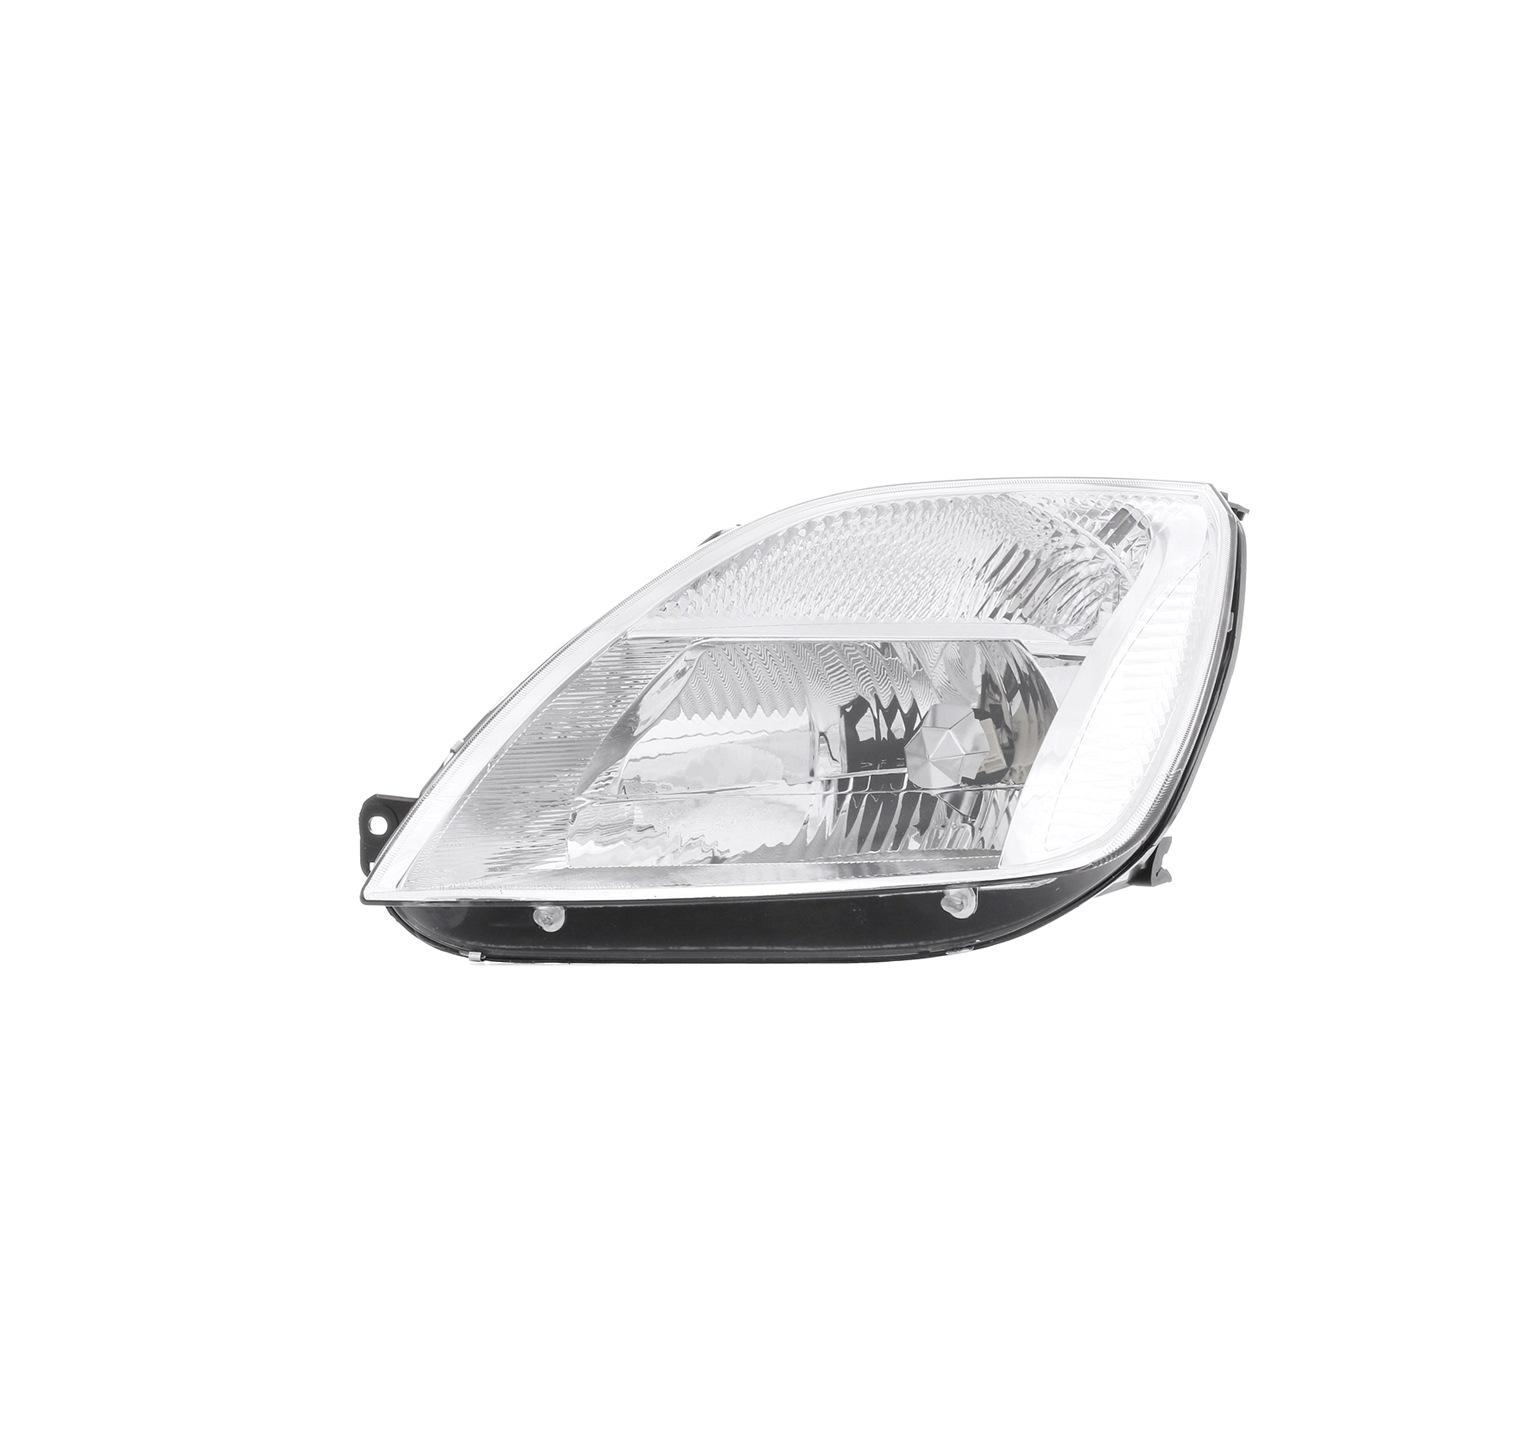 Buy original Front lights ABAKUS 431-1153L-LD-EM